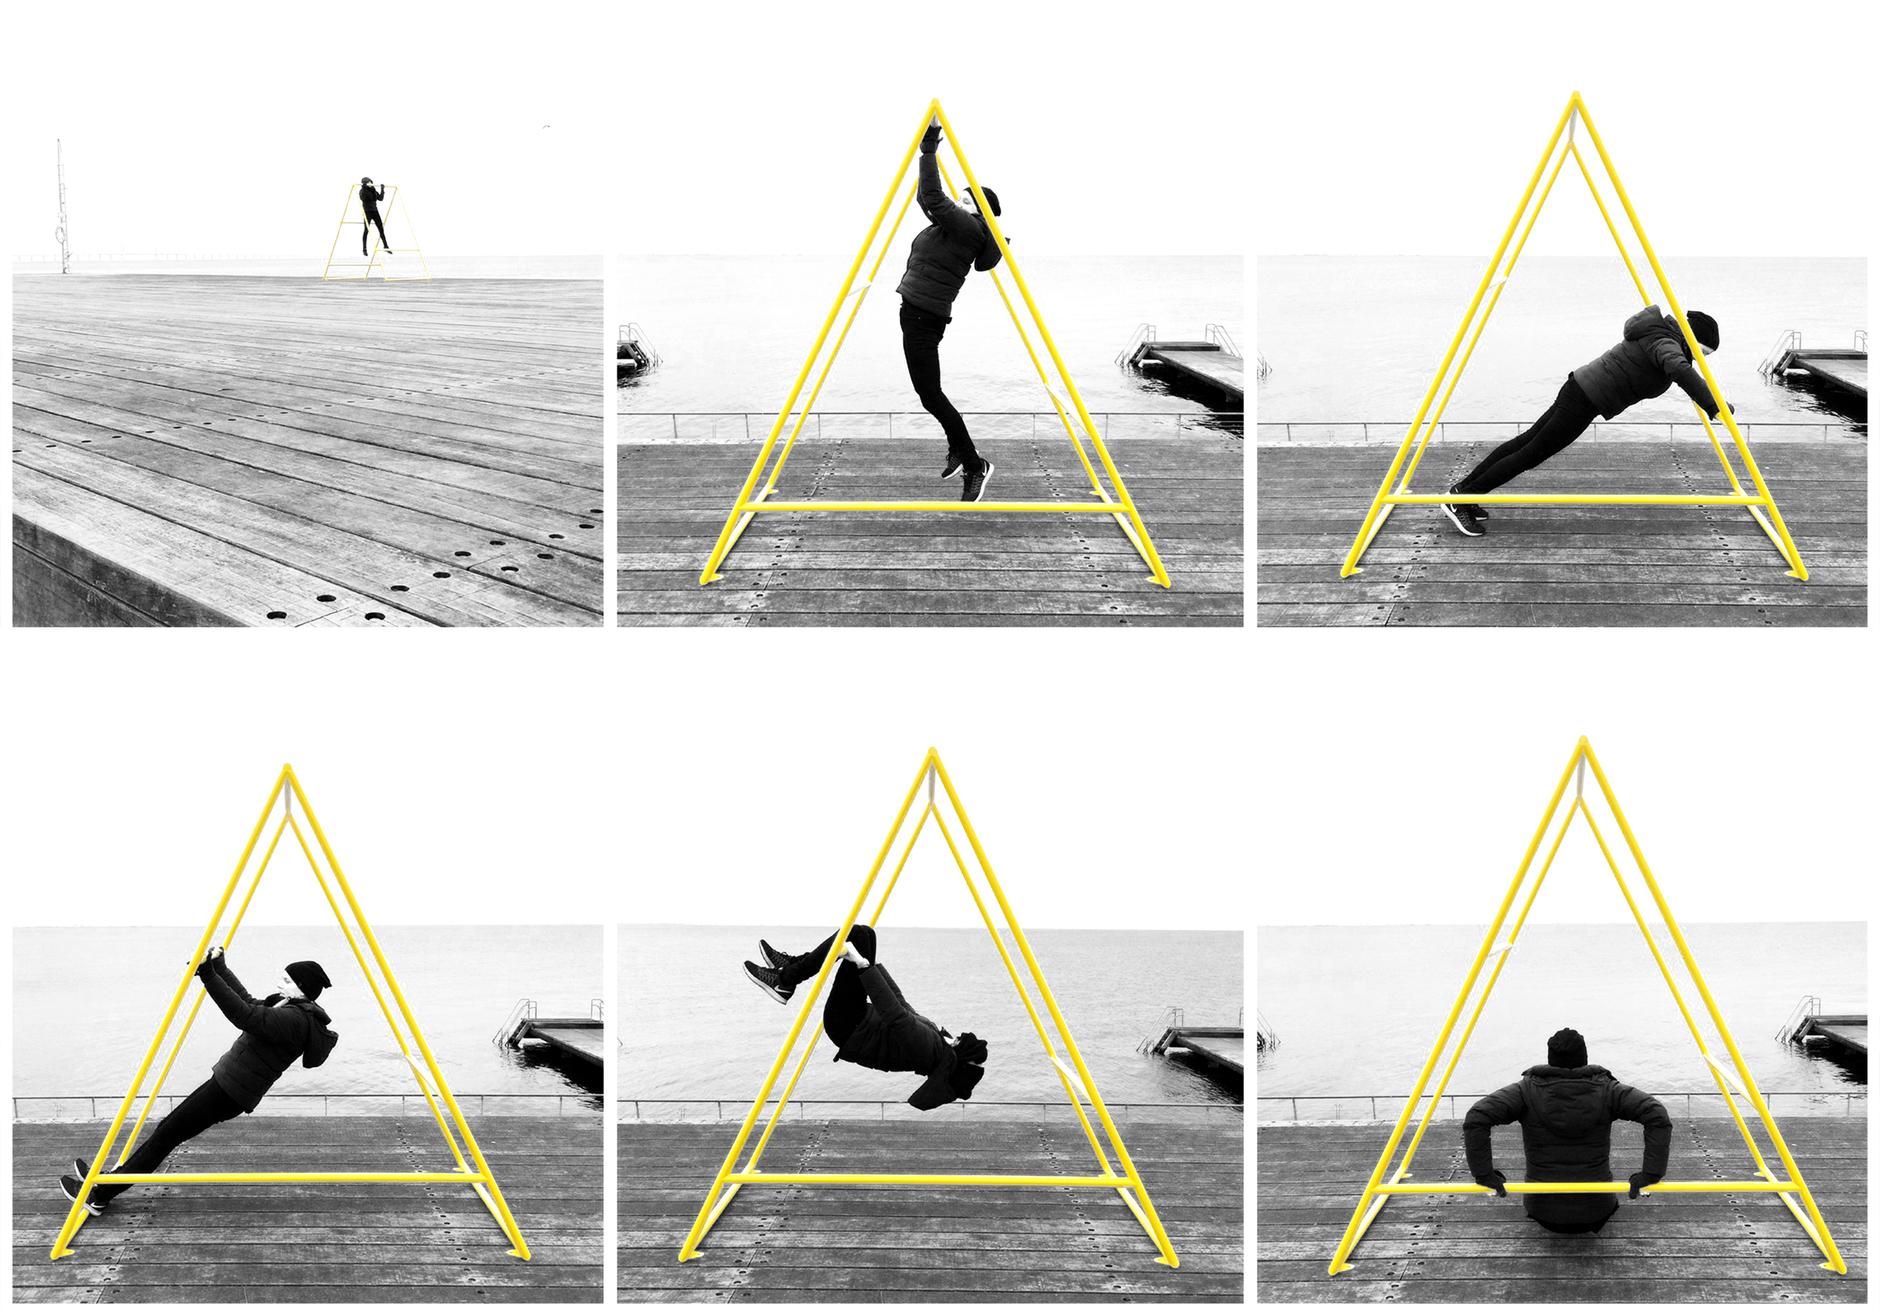 Физкульт-привет! Модные гаджеты для занятий спортом (галерея 20, фото 1)